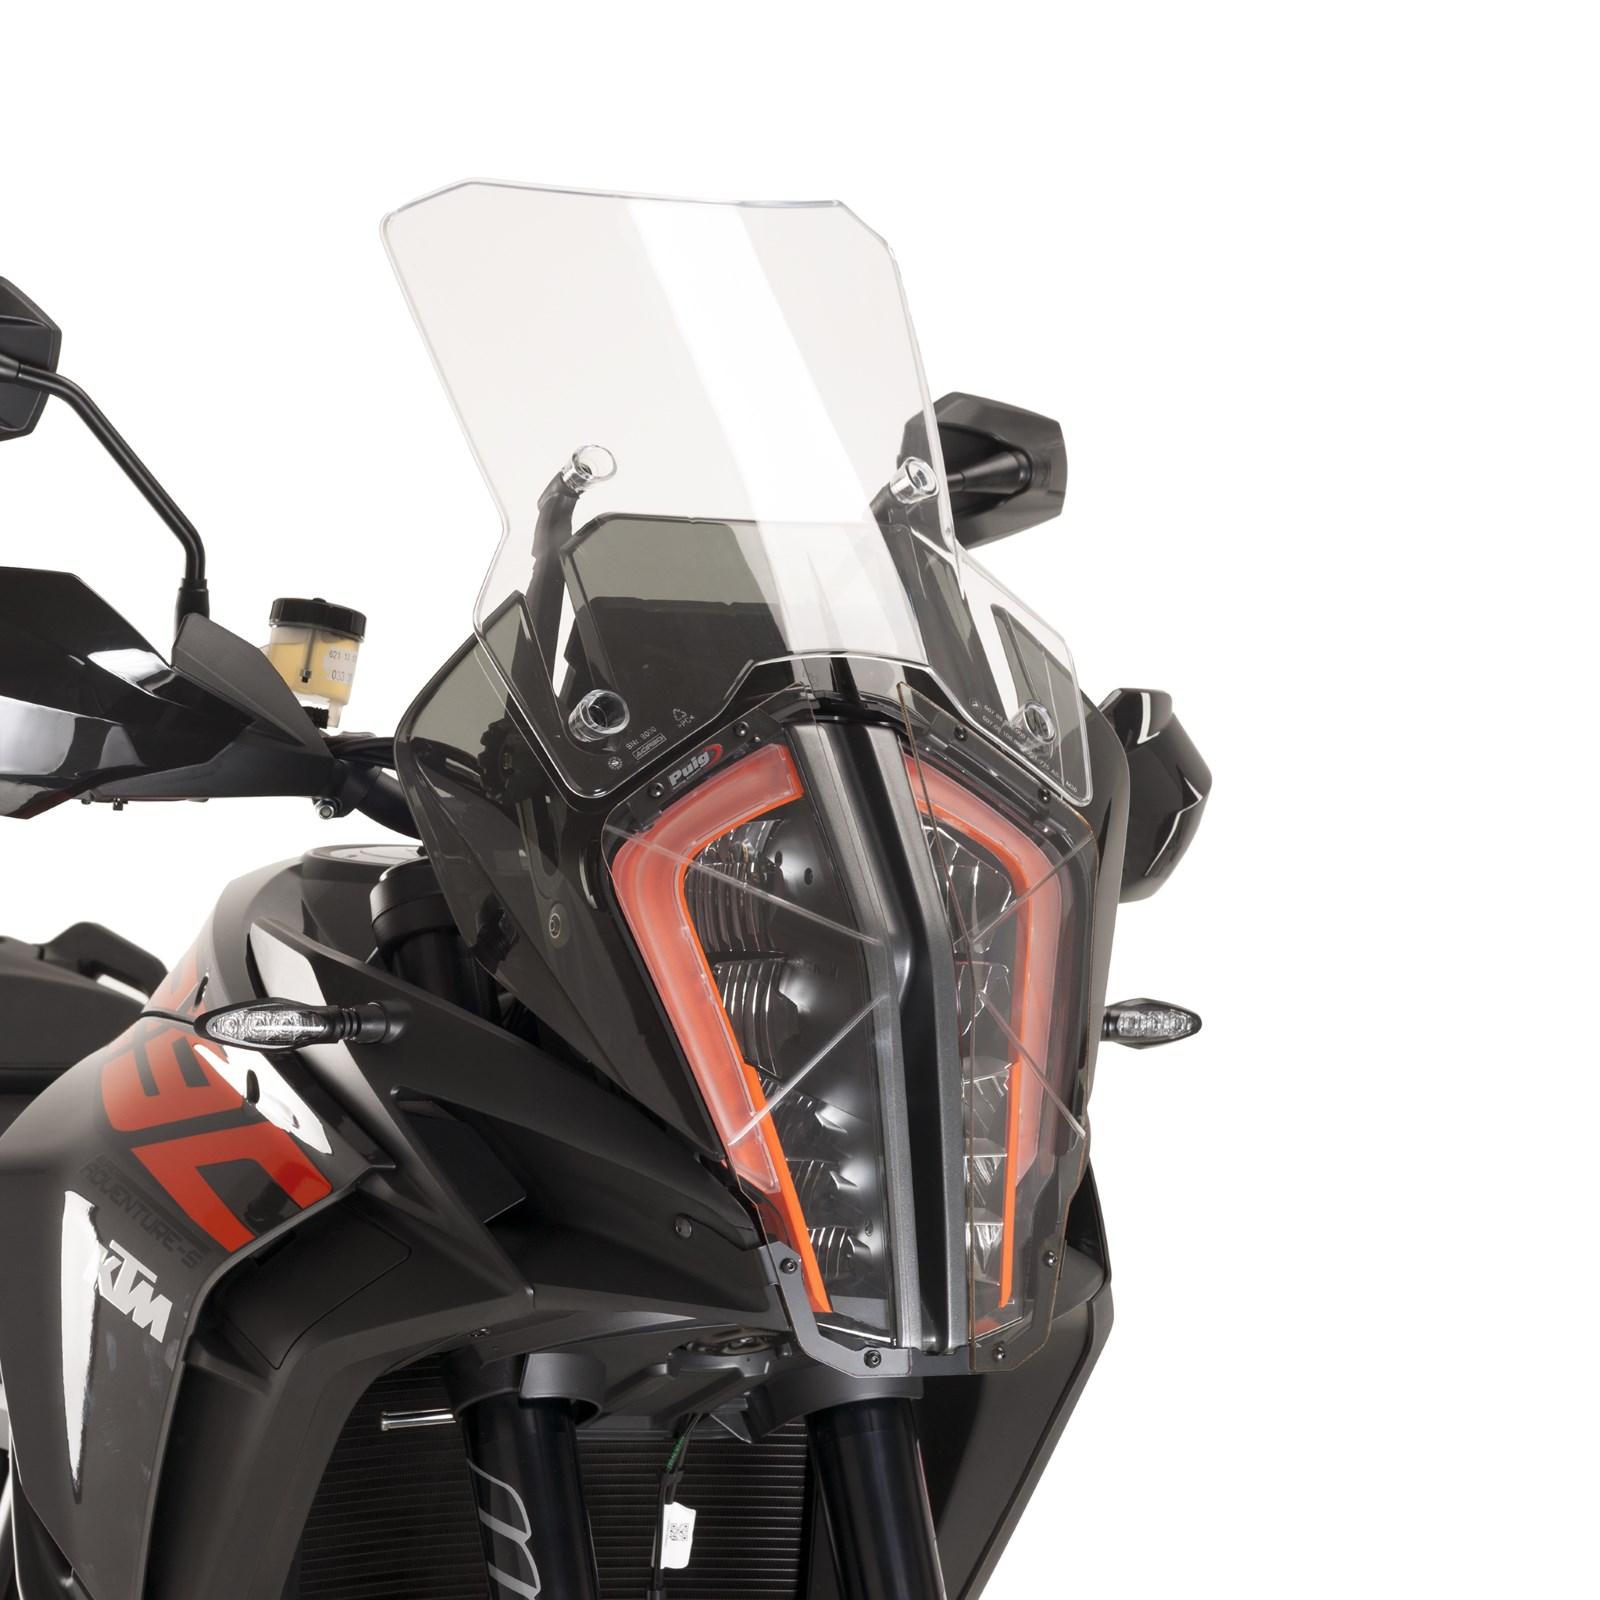 Matte Anti-Scratch Anti-Glare 2X BROTECT Matte Screen Protector for KTM 1290 Super Adventure R 2017